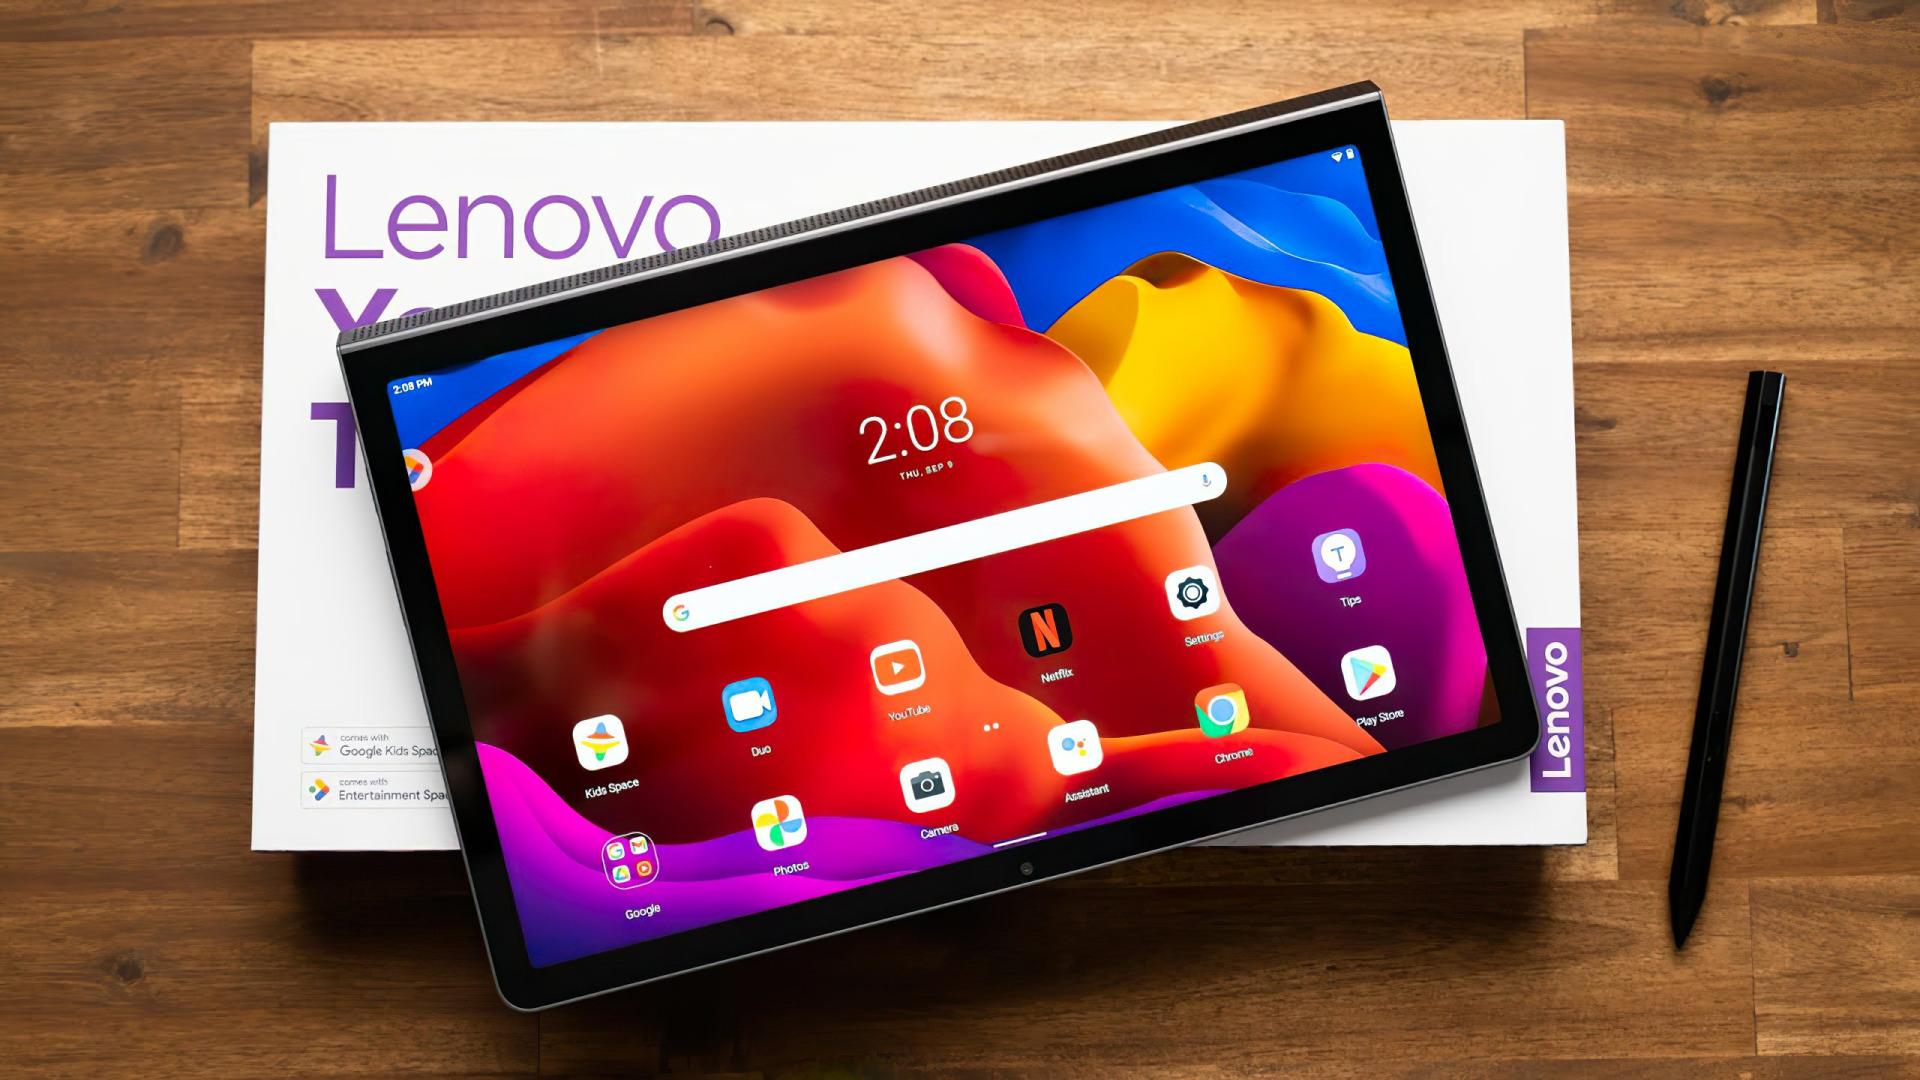 Android, Tablet, Lenovo, Andrzej Tokarski, Tabletblog, Android 11, Unboxing, Lenovo Yoga, Lenovo Yoga Tab, Lenovo Yoga Tab 11, Yoga Tab, Yoga Tab 11